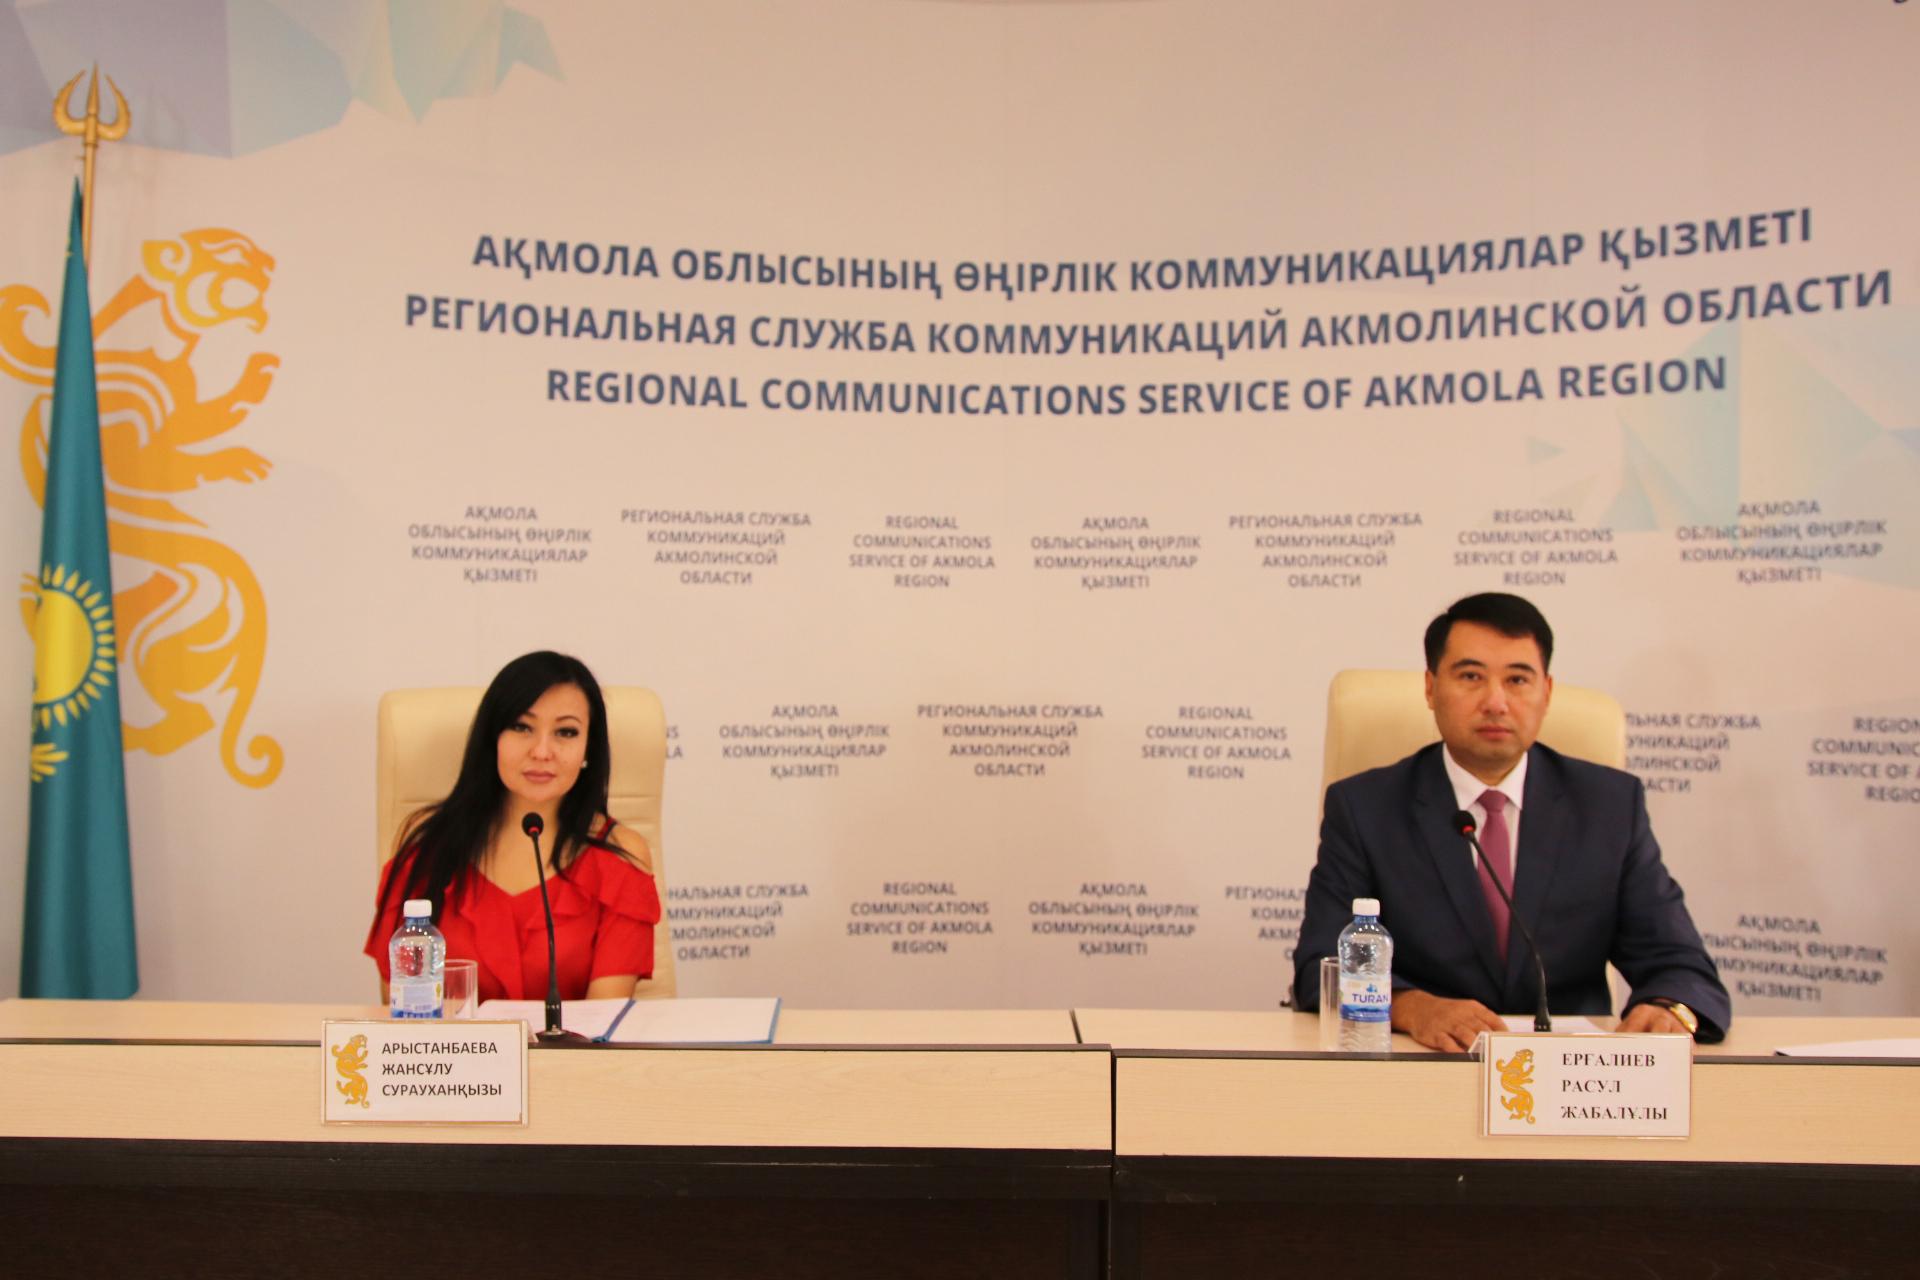 Один из этапов третьей национальной переписи населения пройдёт в республике в онлайн-режиме